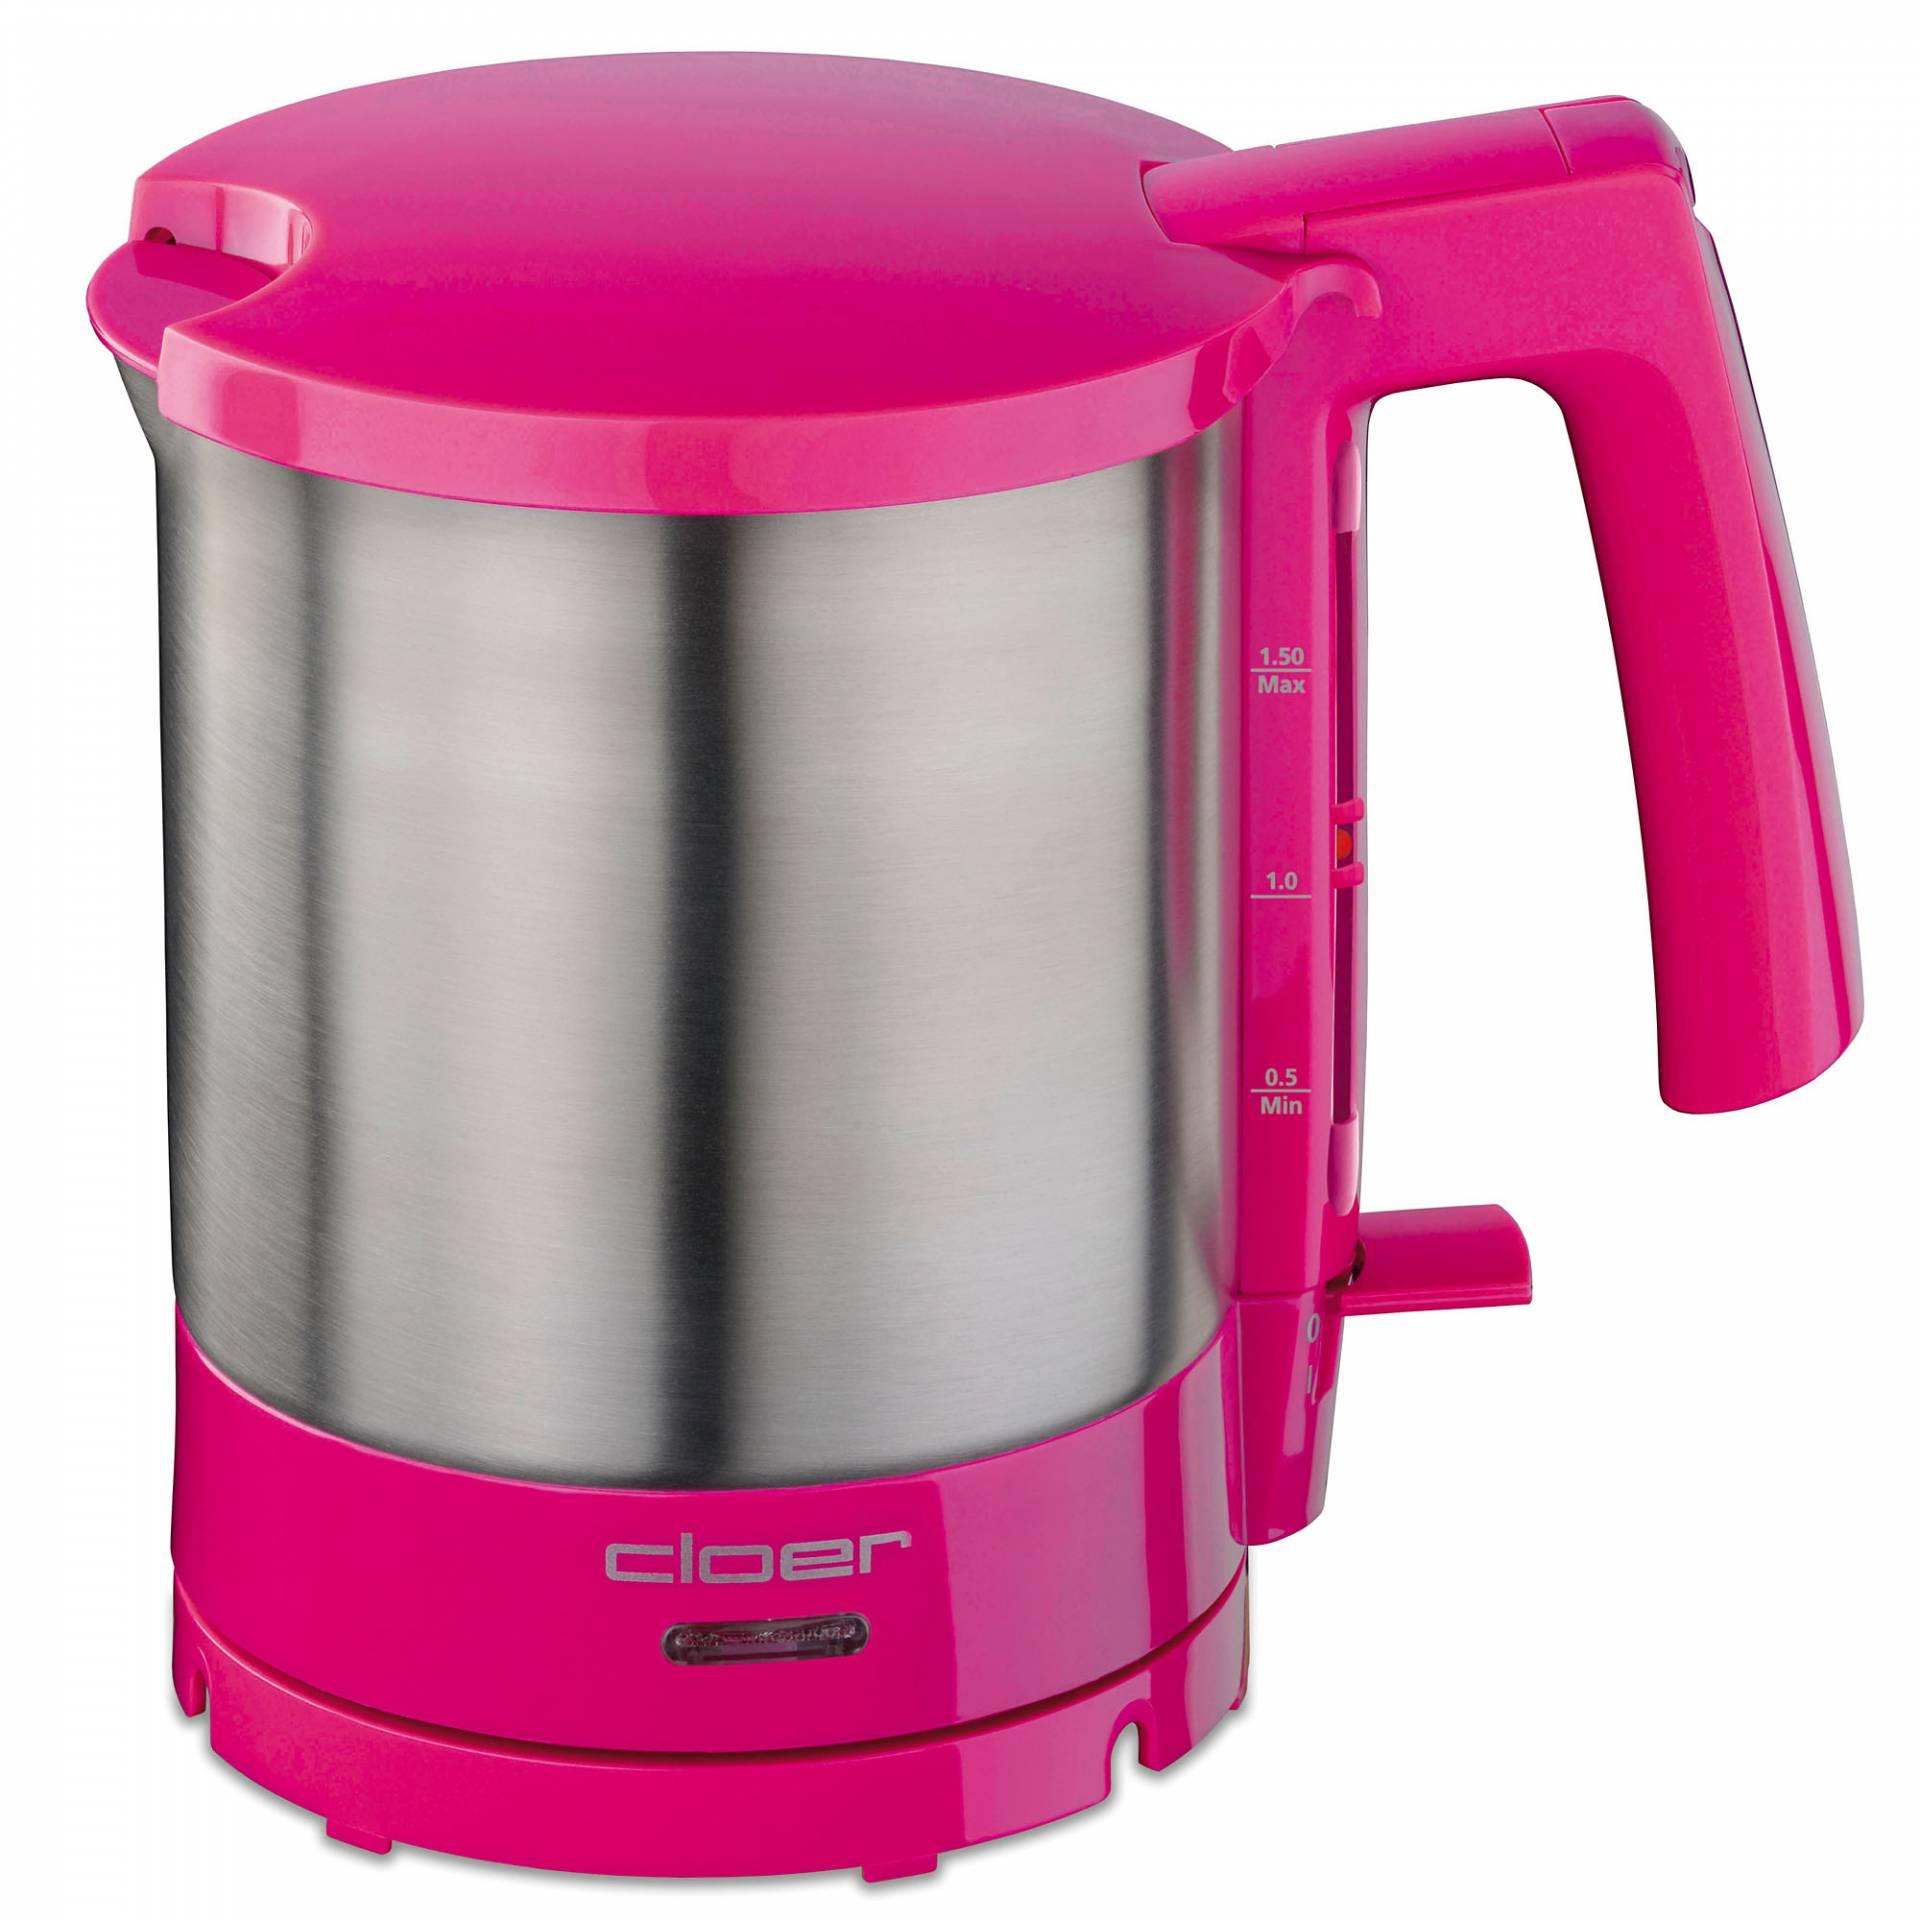 Cloer Wasserkocher 4717